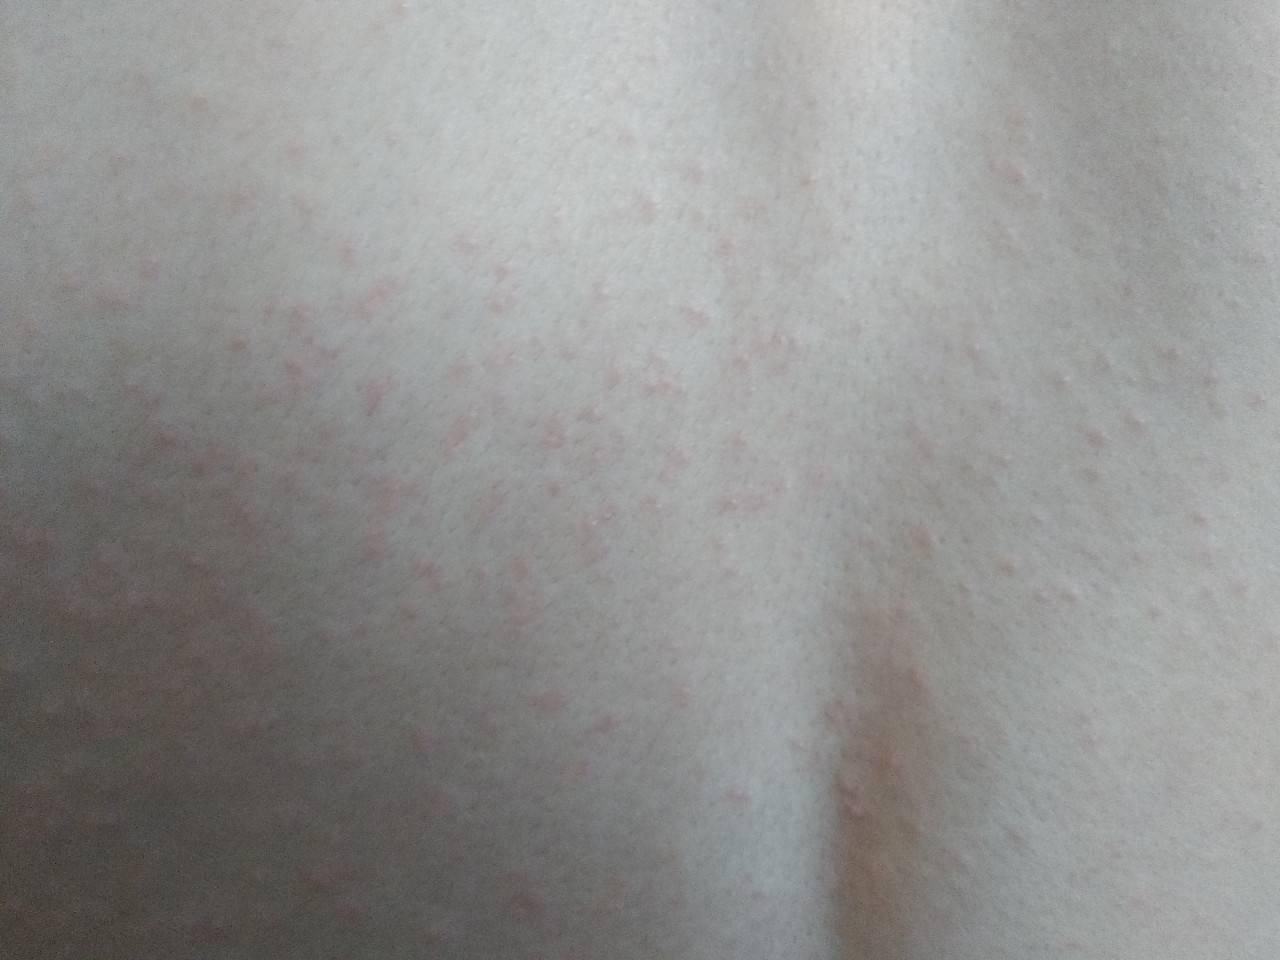 Причины сыпи на животе и ее лечение у взрослых. у ребенка на животе, спине и груди мелкая сыпь: фото прыщиков с описанием возможных патологий мелкая сыпь на животе